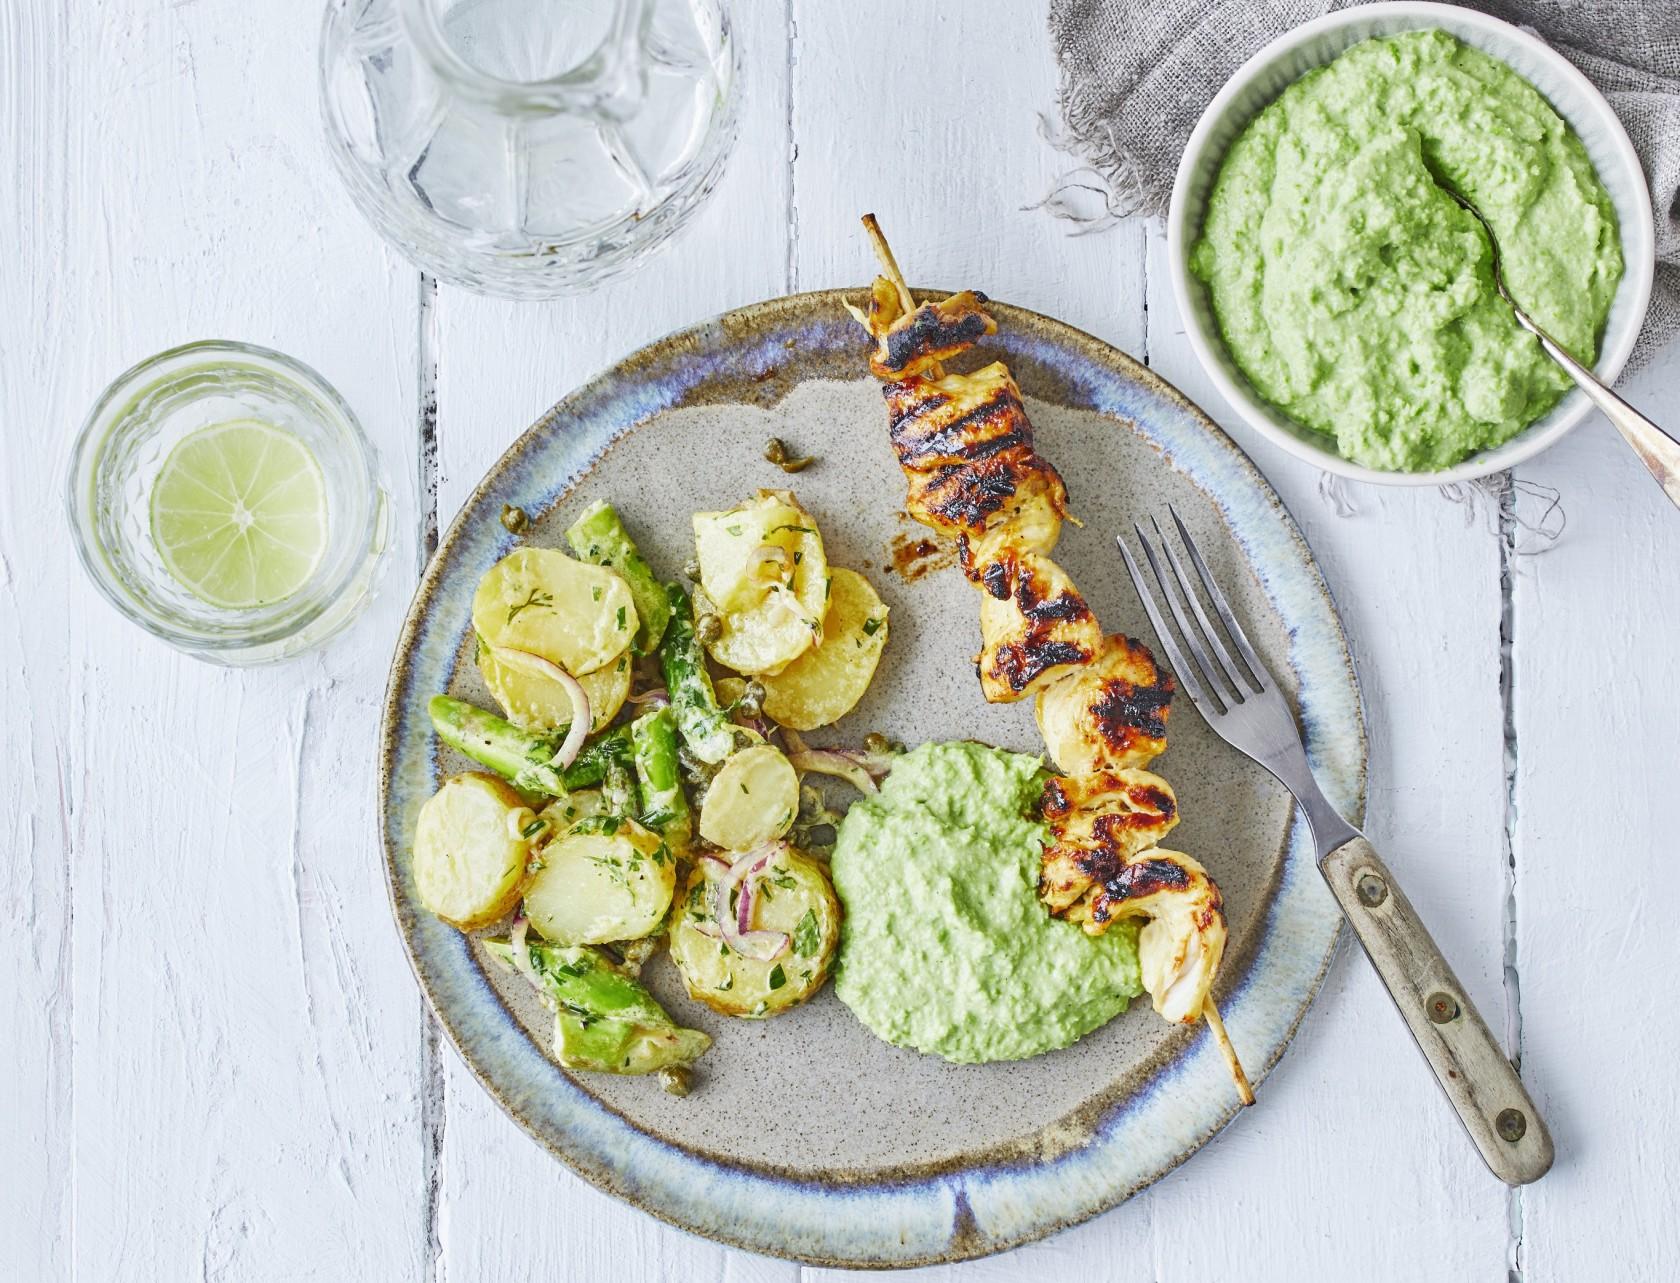 Perfekt sommeropskrift på grillede kyllingespyd med kartoffelsalat og ærtedip